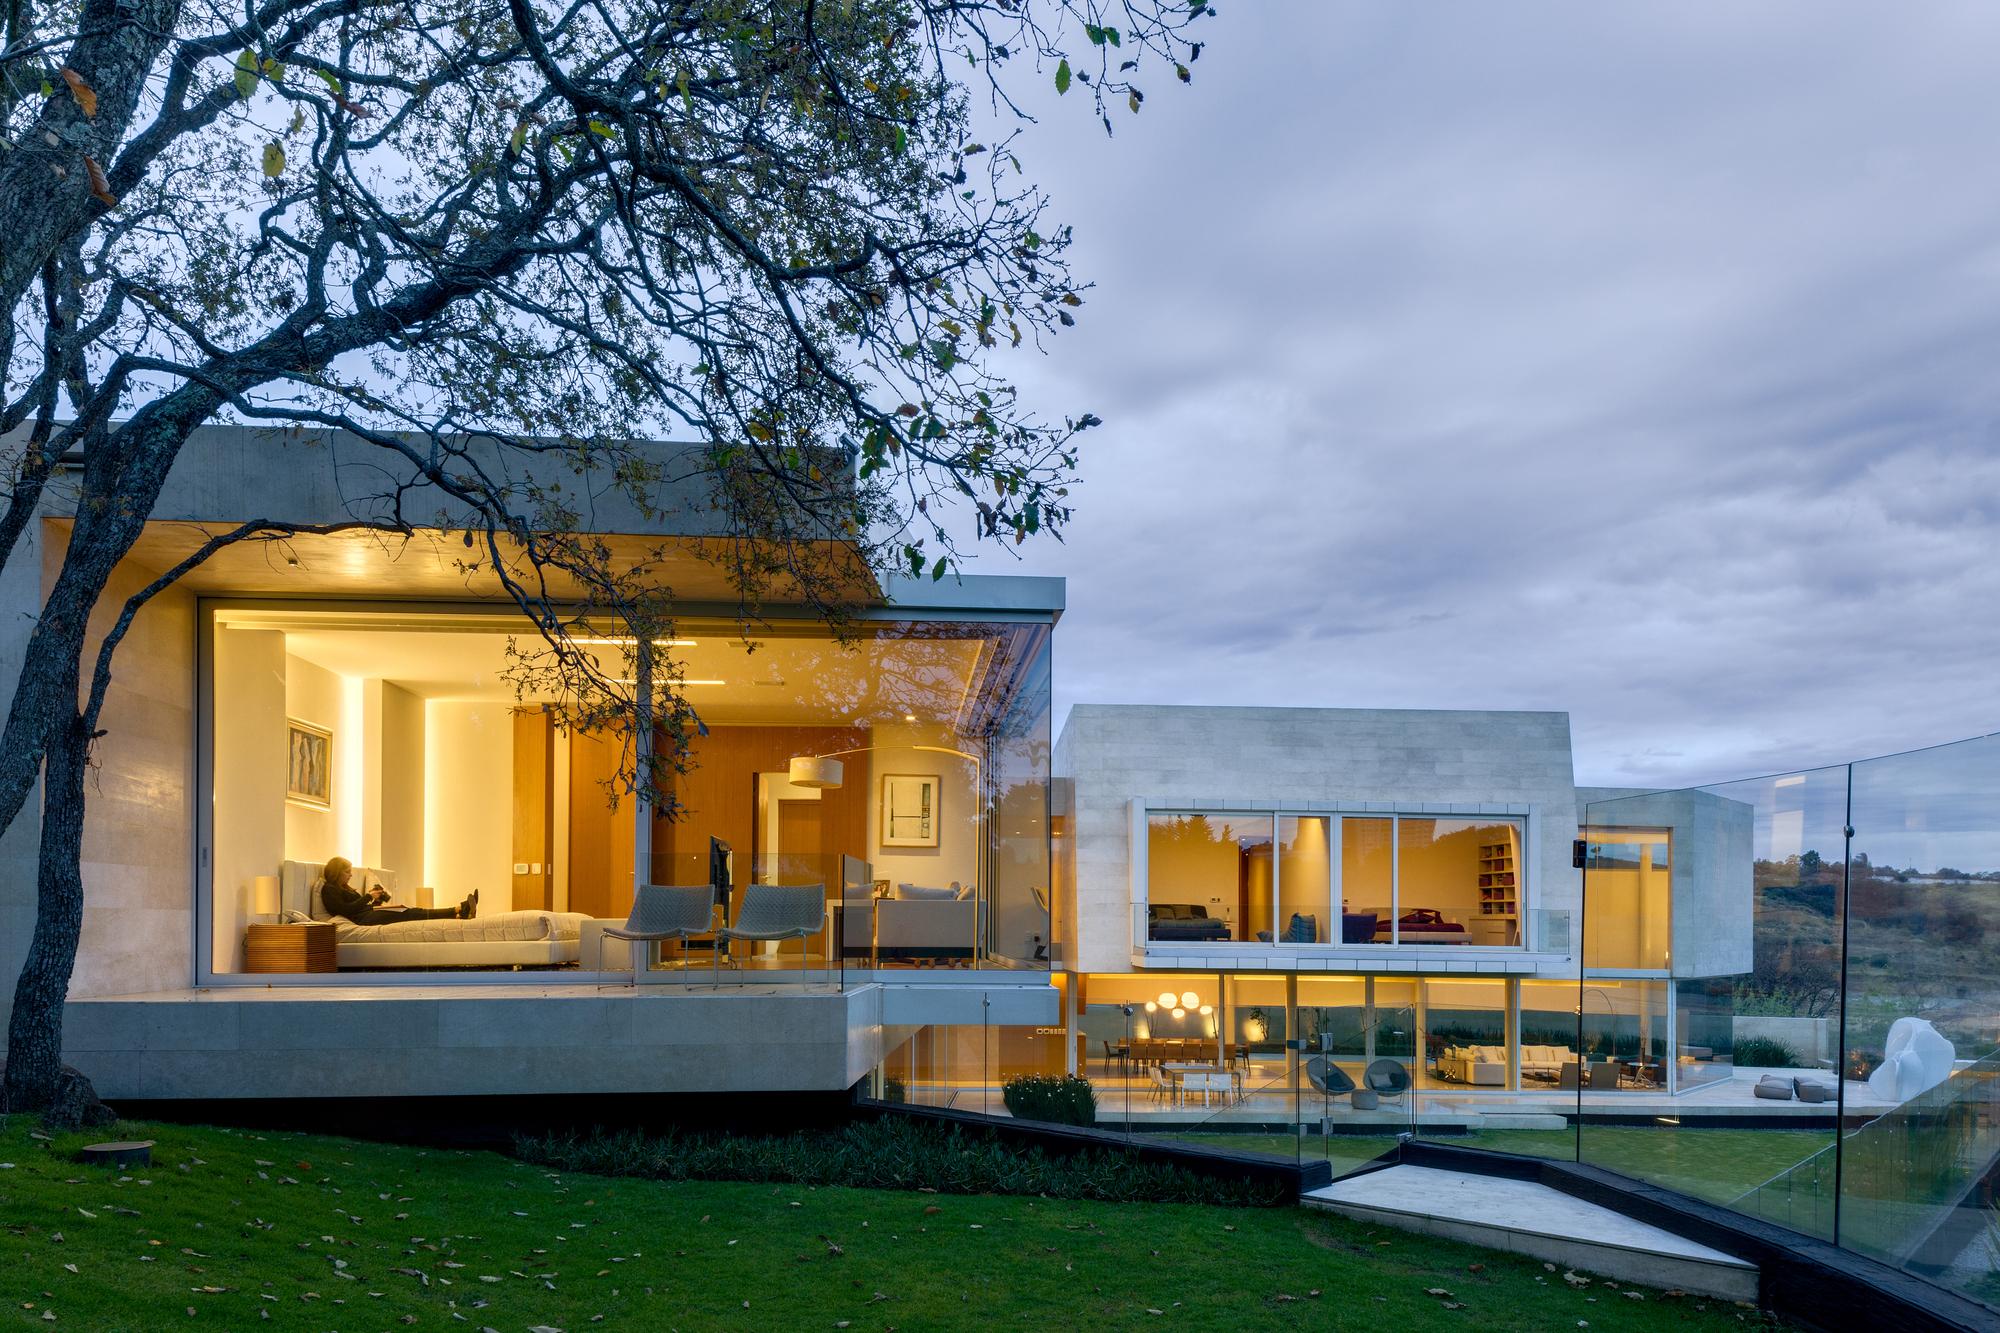 Casa Country Club Migdal Arquitectos Plataforma